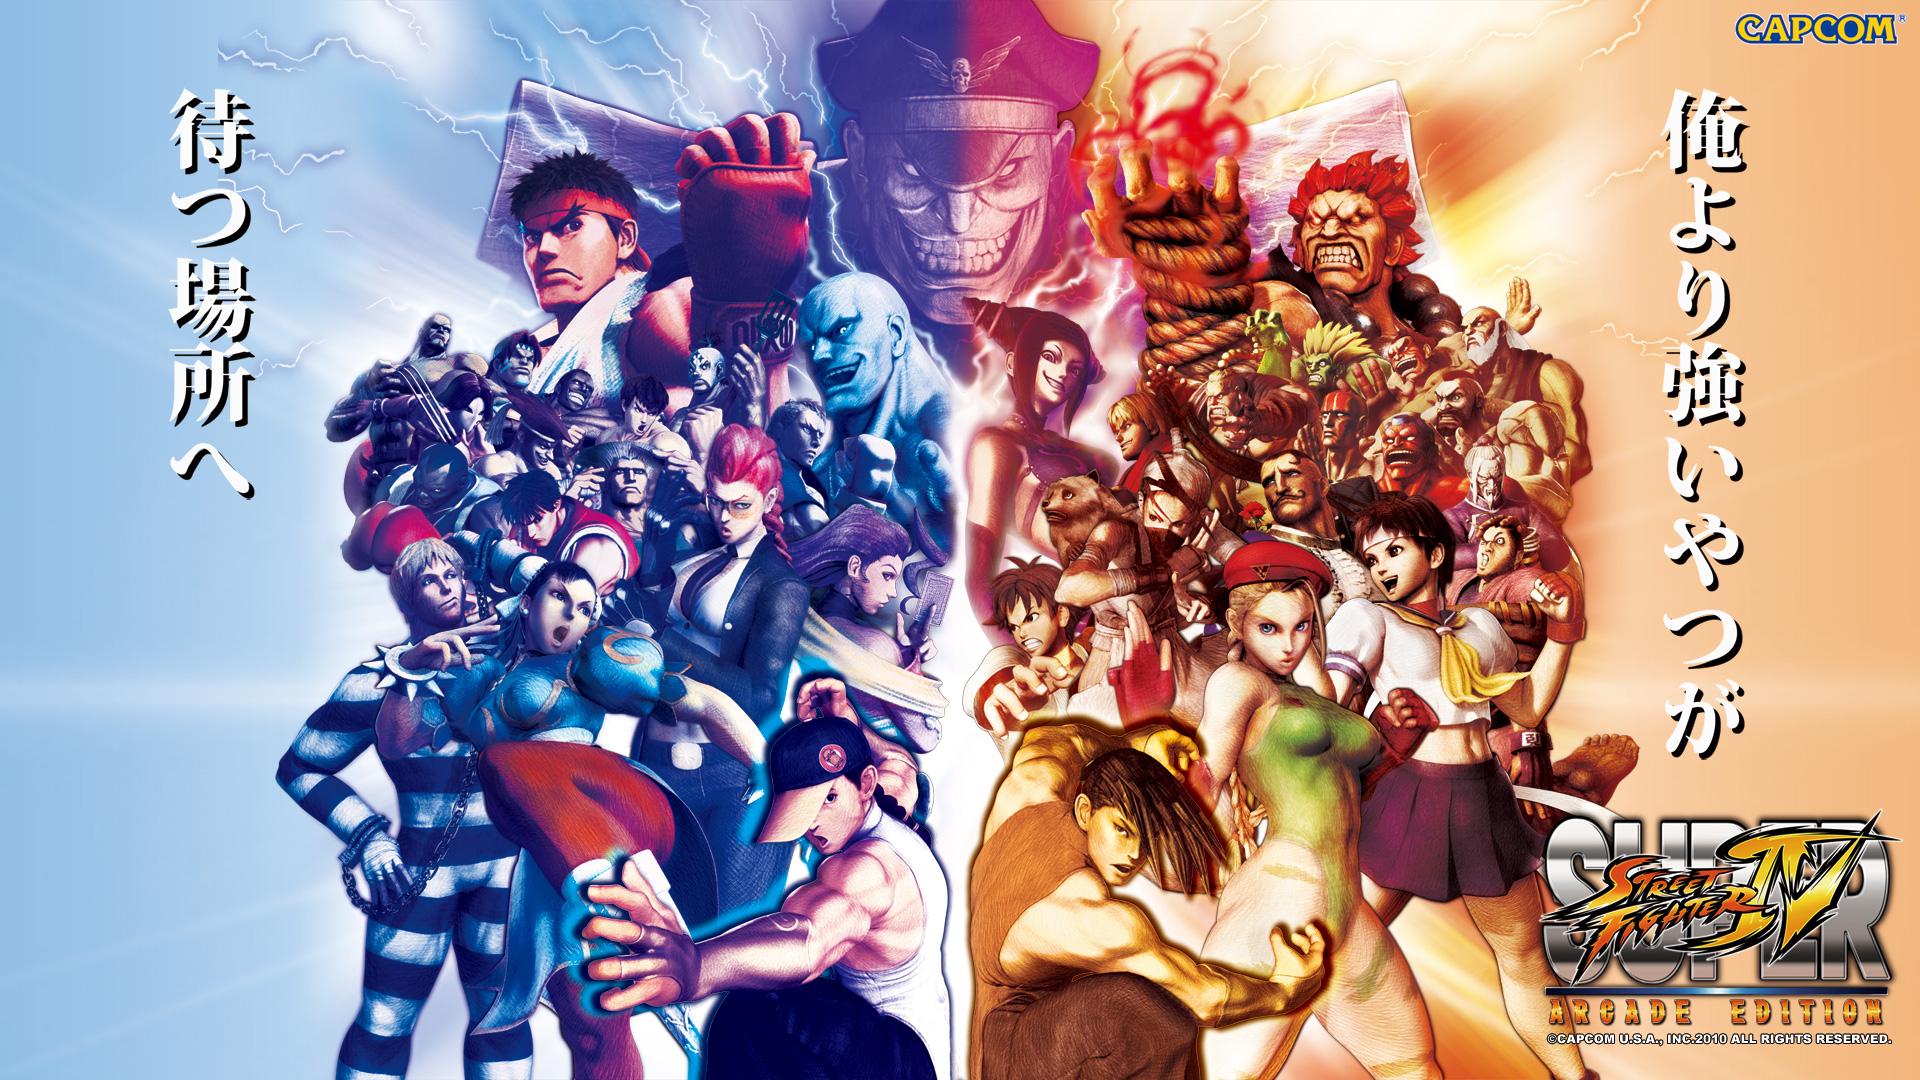 wallpapers tekken 5 games